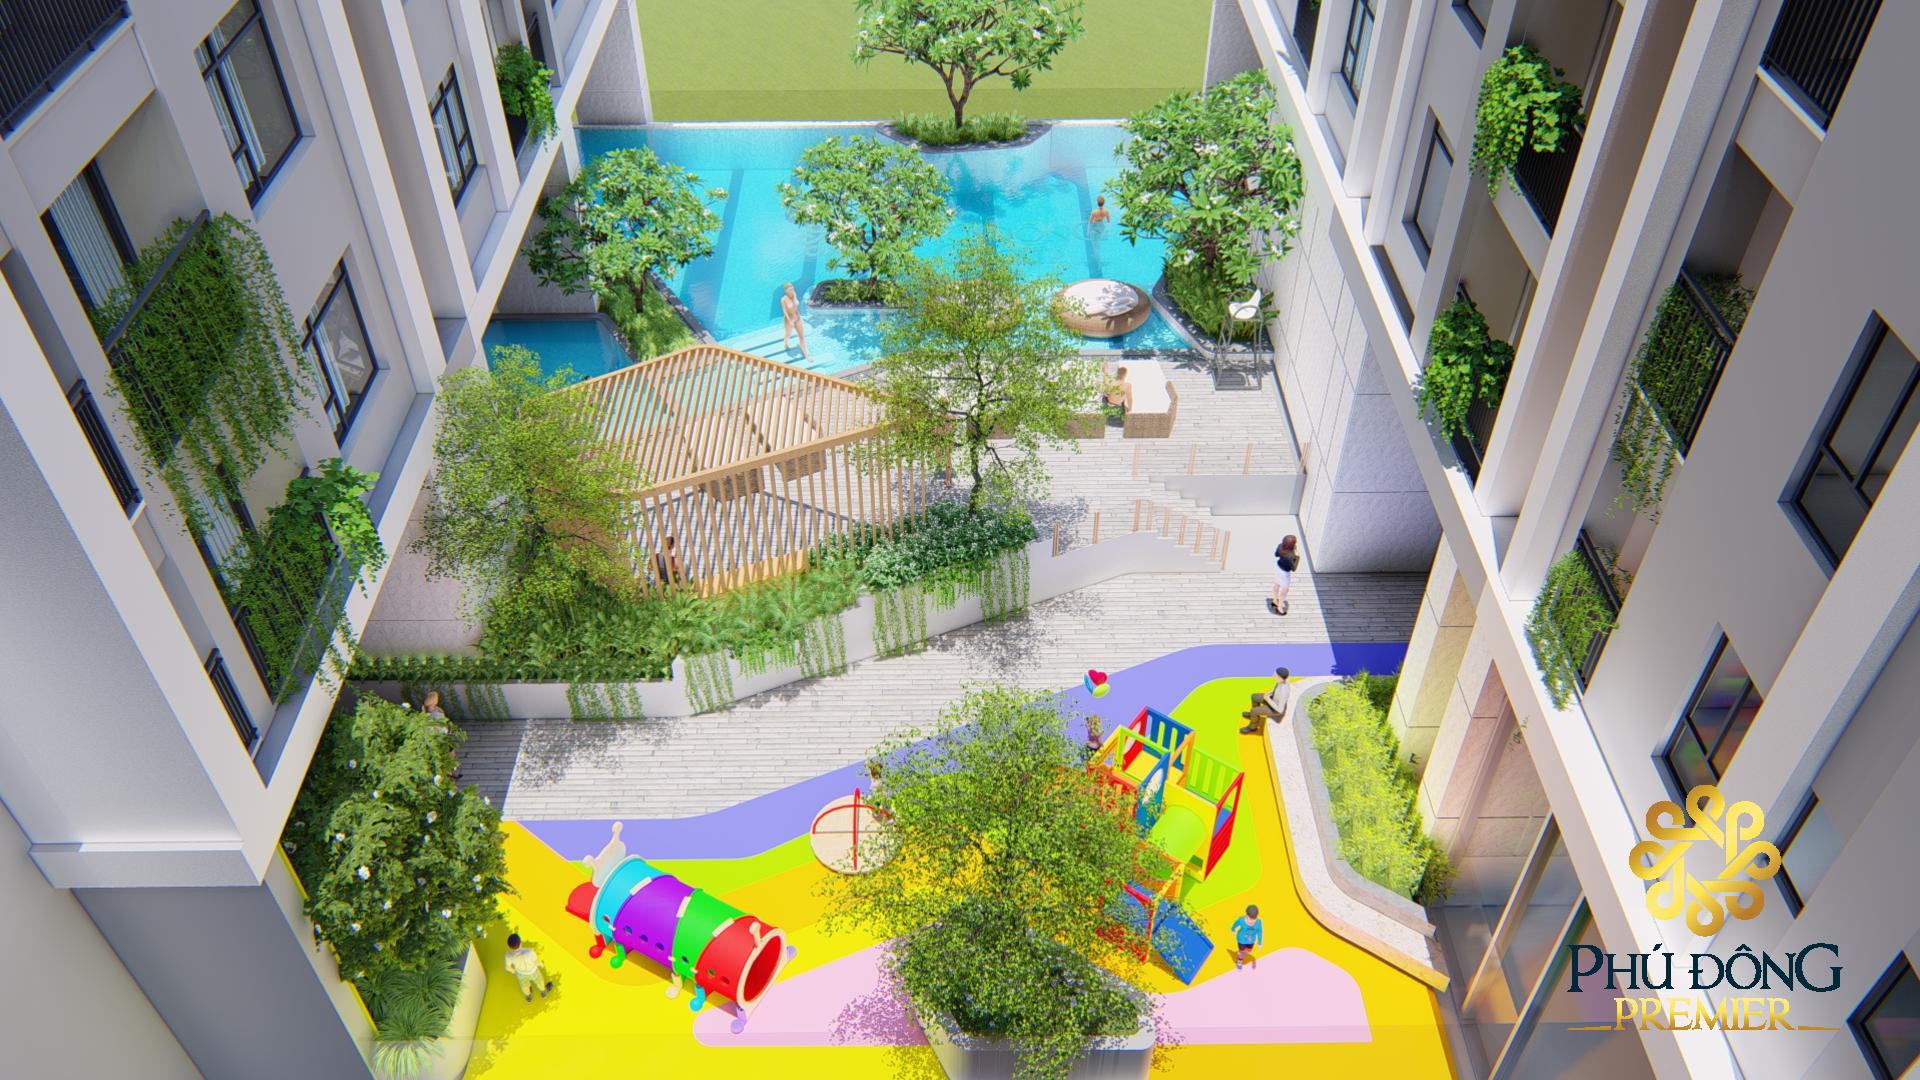 Khu vui chơi dành cho trẻ em là một trong những tiện ích quan trọng của dự án Phú Đông Sky Garden